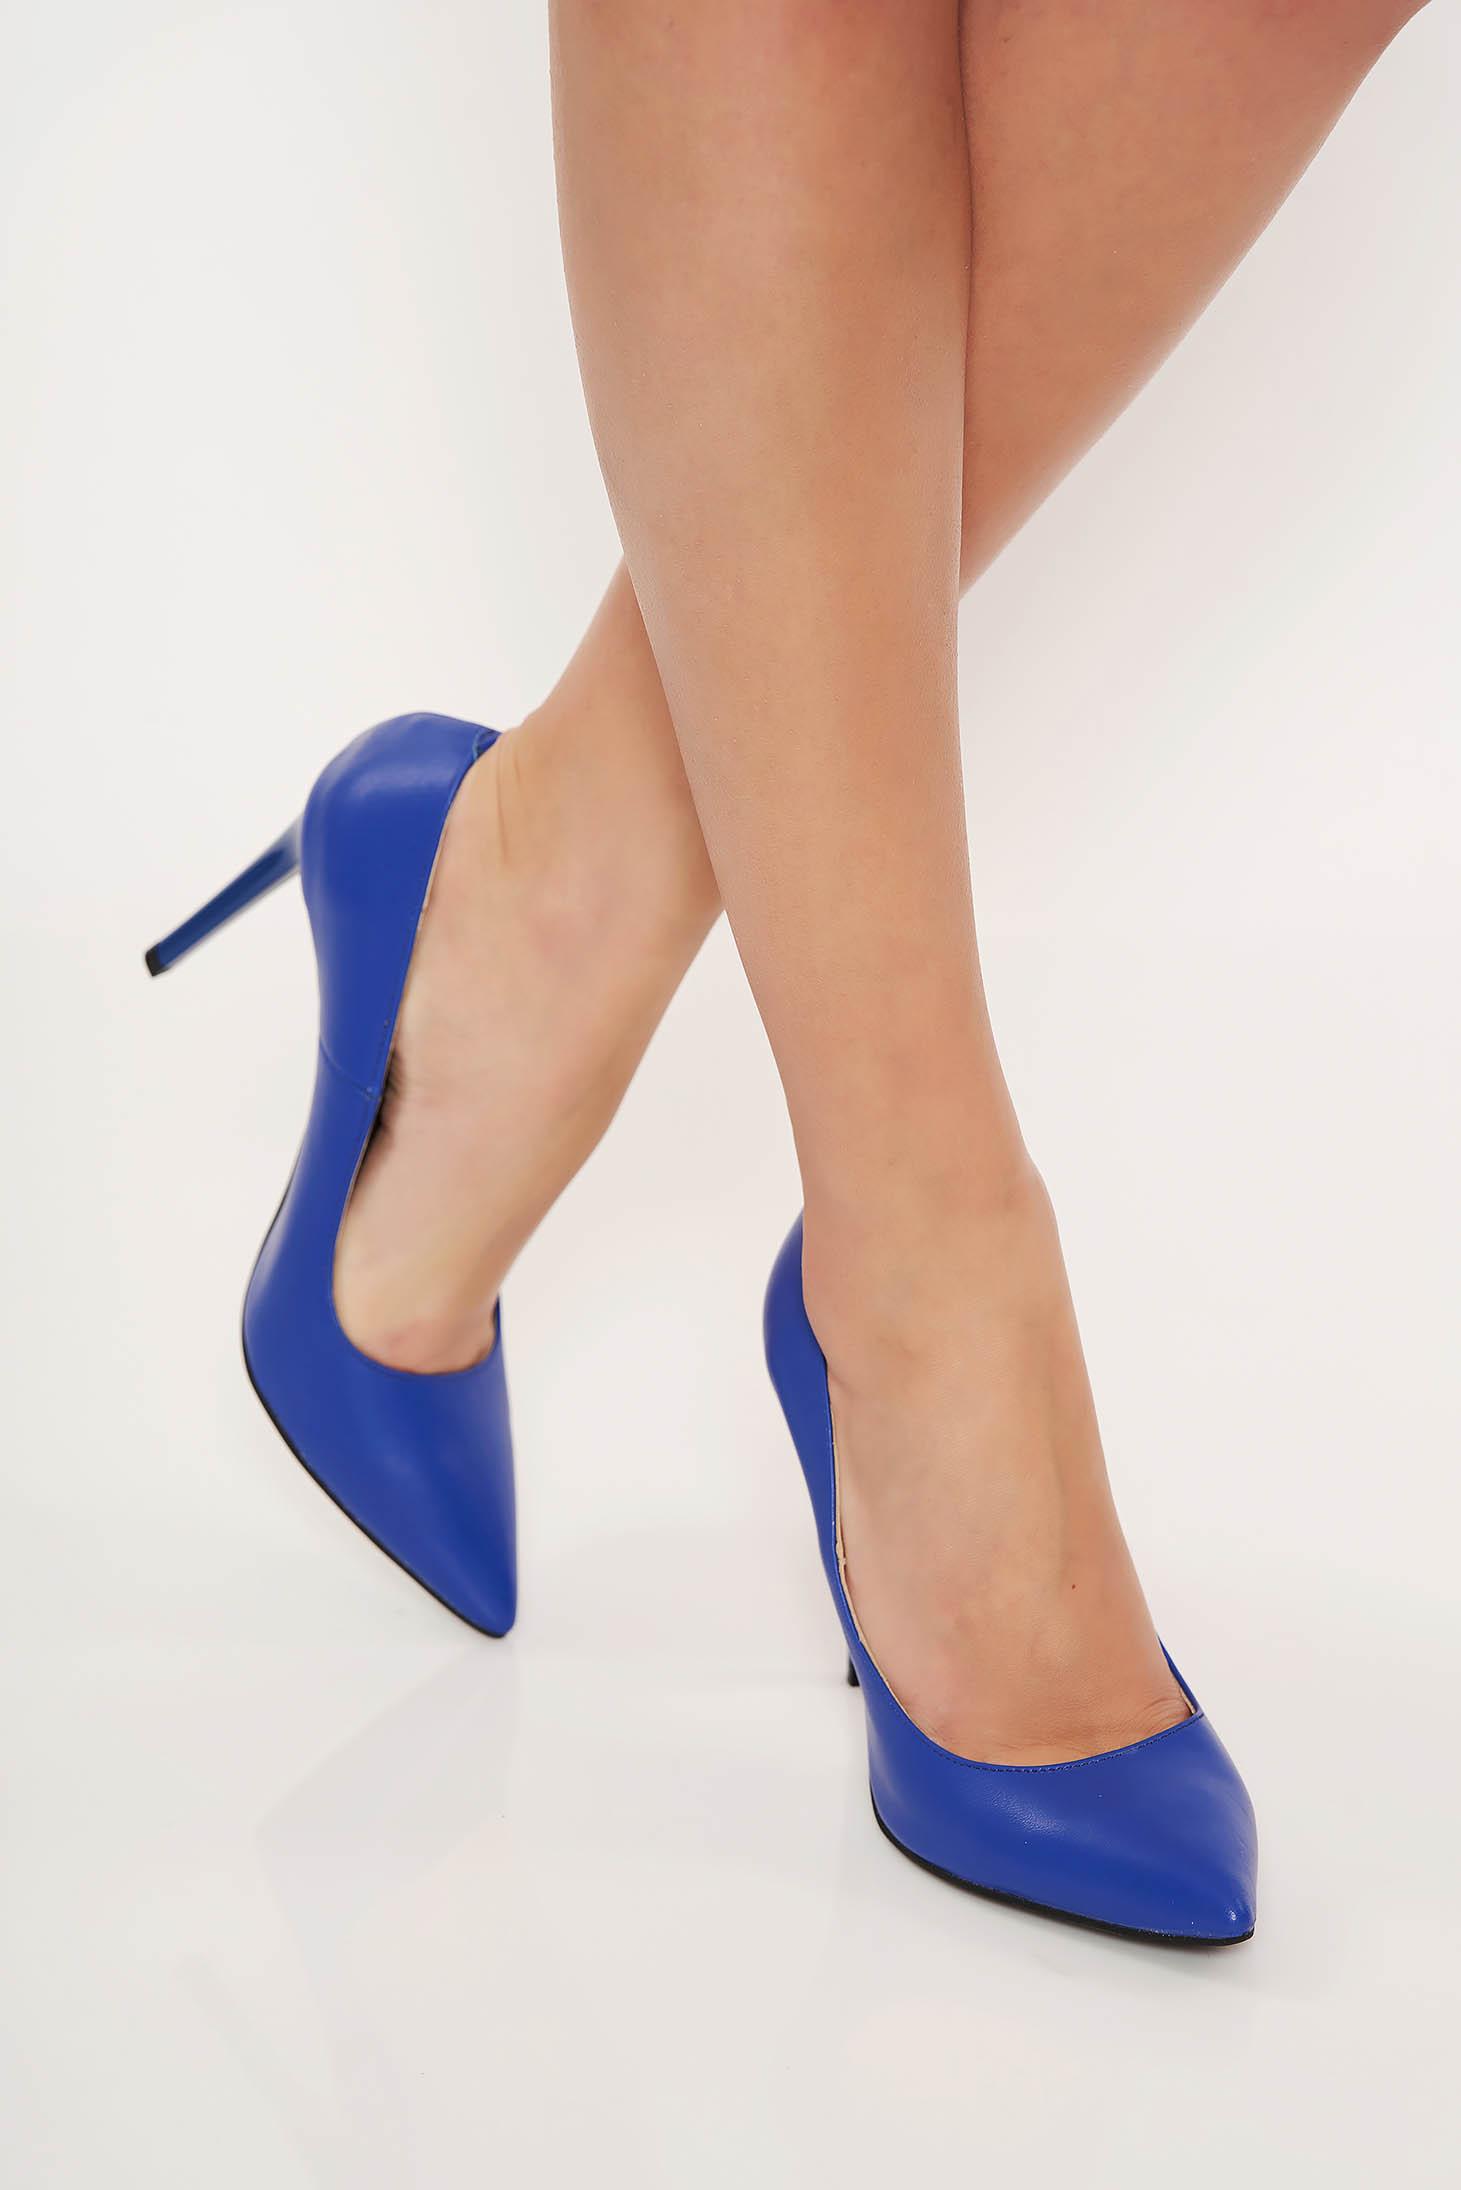 Pantofi albastru stiletto office din piele naturala cu varful usor ascutit